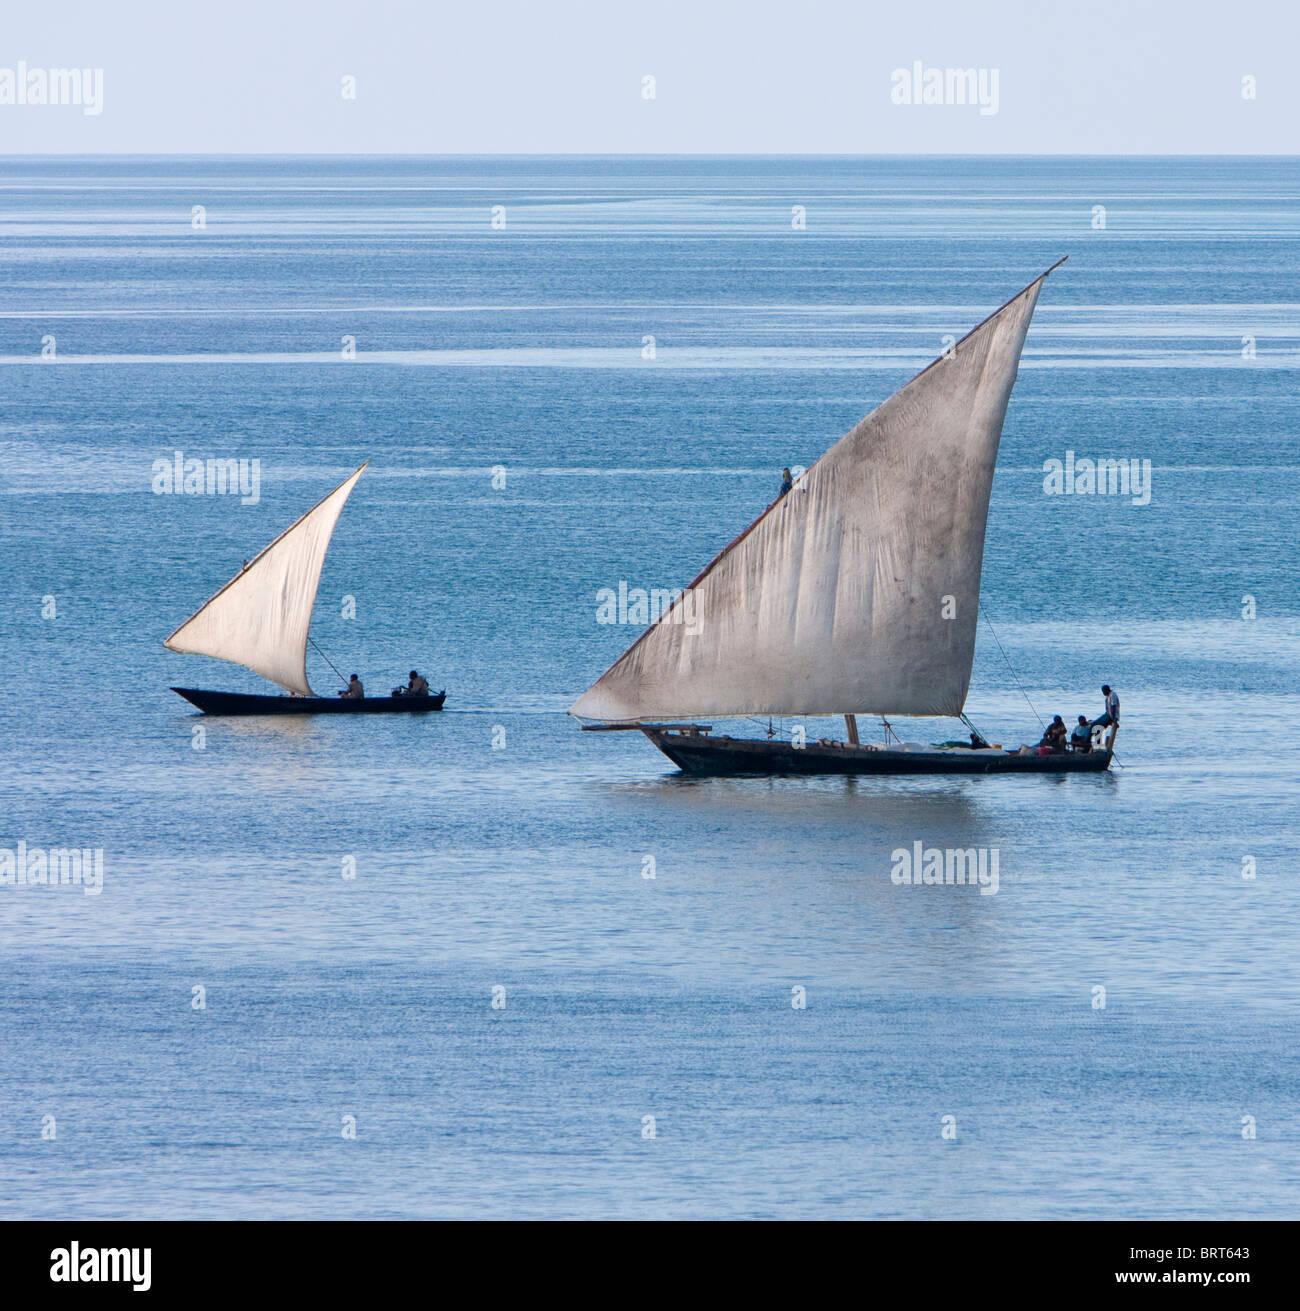 Zanzibar, Tanzania. Lateen Sail on Dhow and Canoe in Harbor. - Stock Image